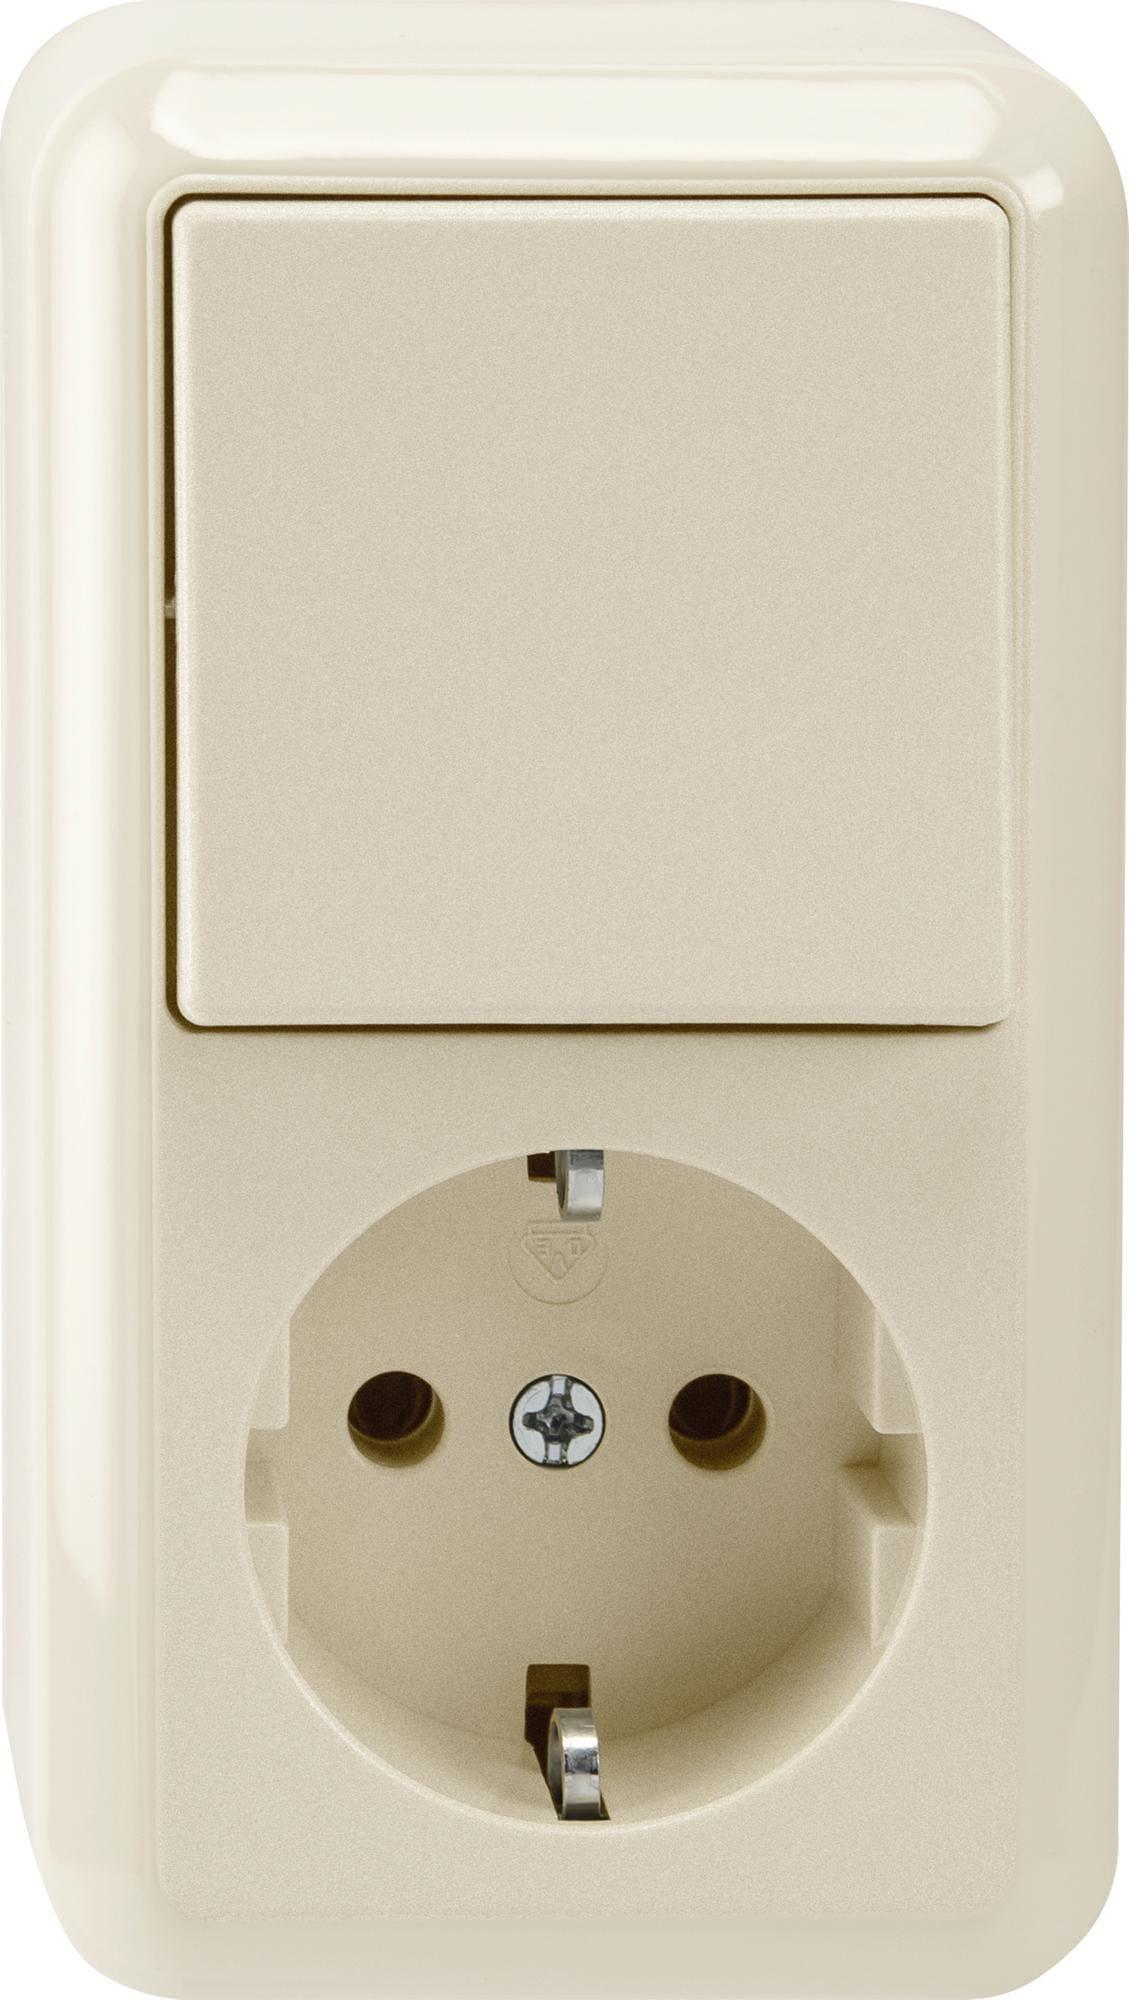 kombination schuko steckdose aus wechselschalter 1 polig. Black Bedroom Furniture Sets. Home Design Ideas